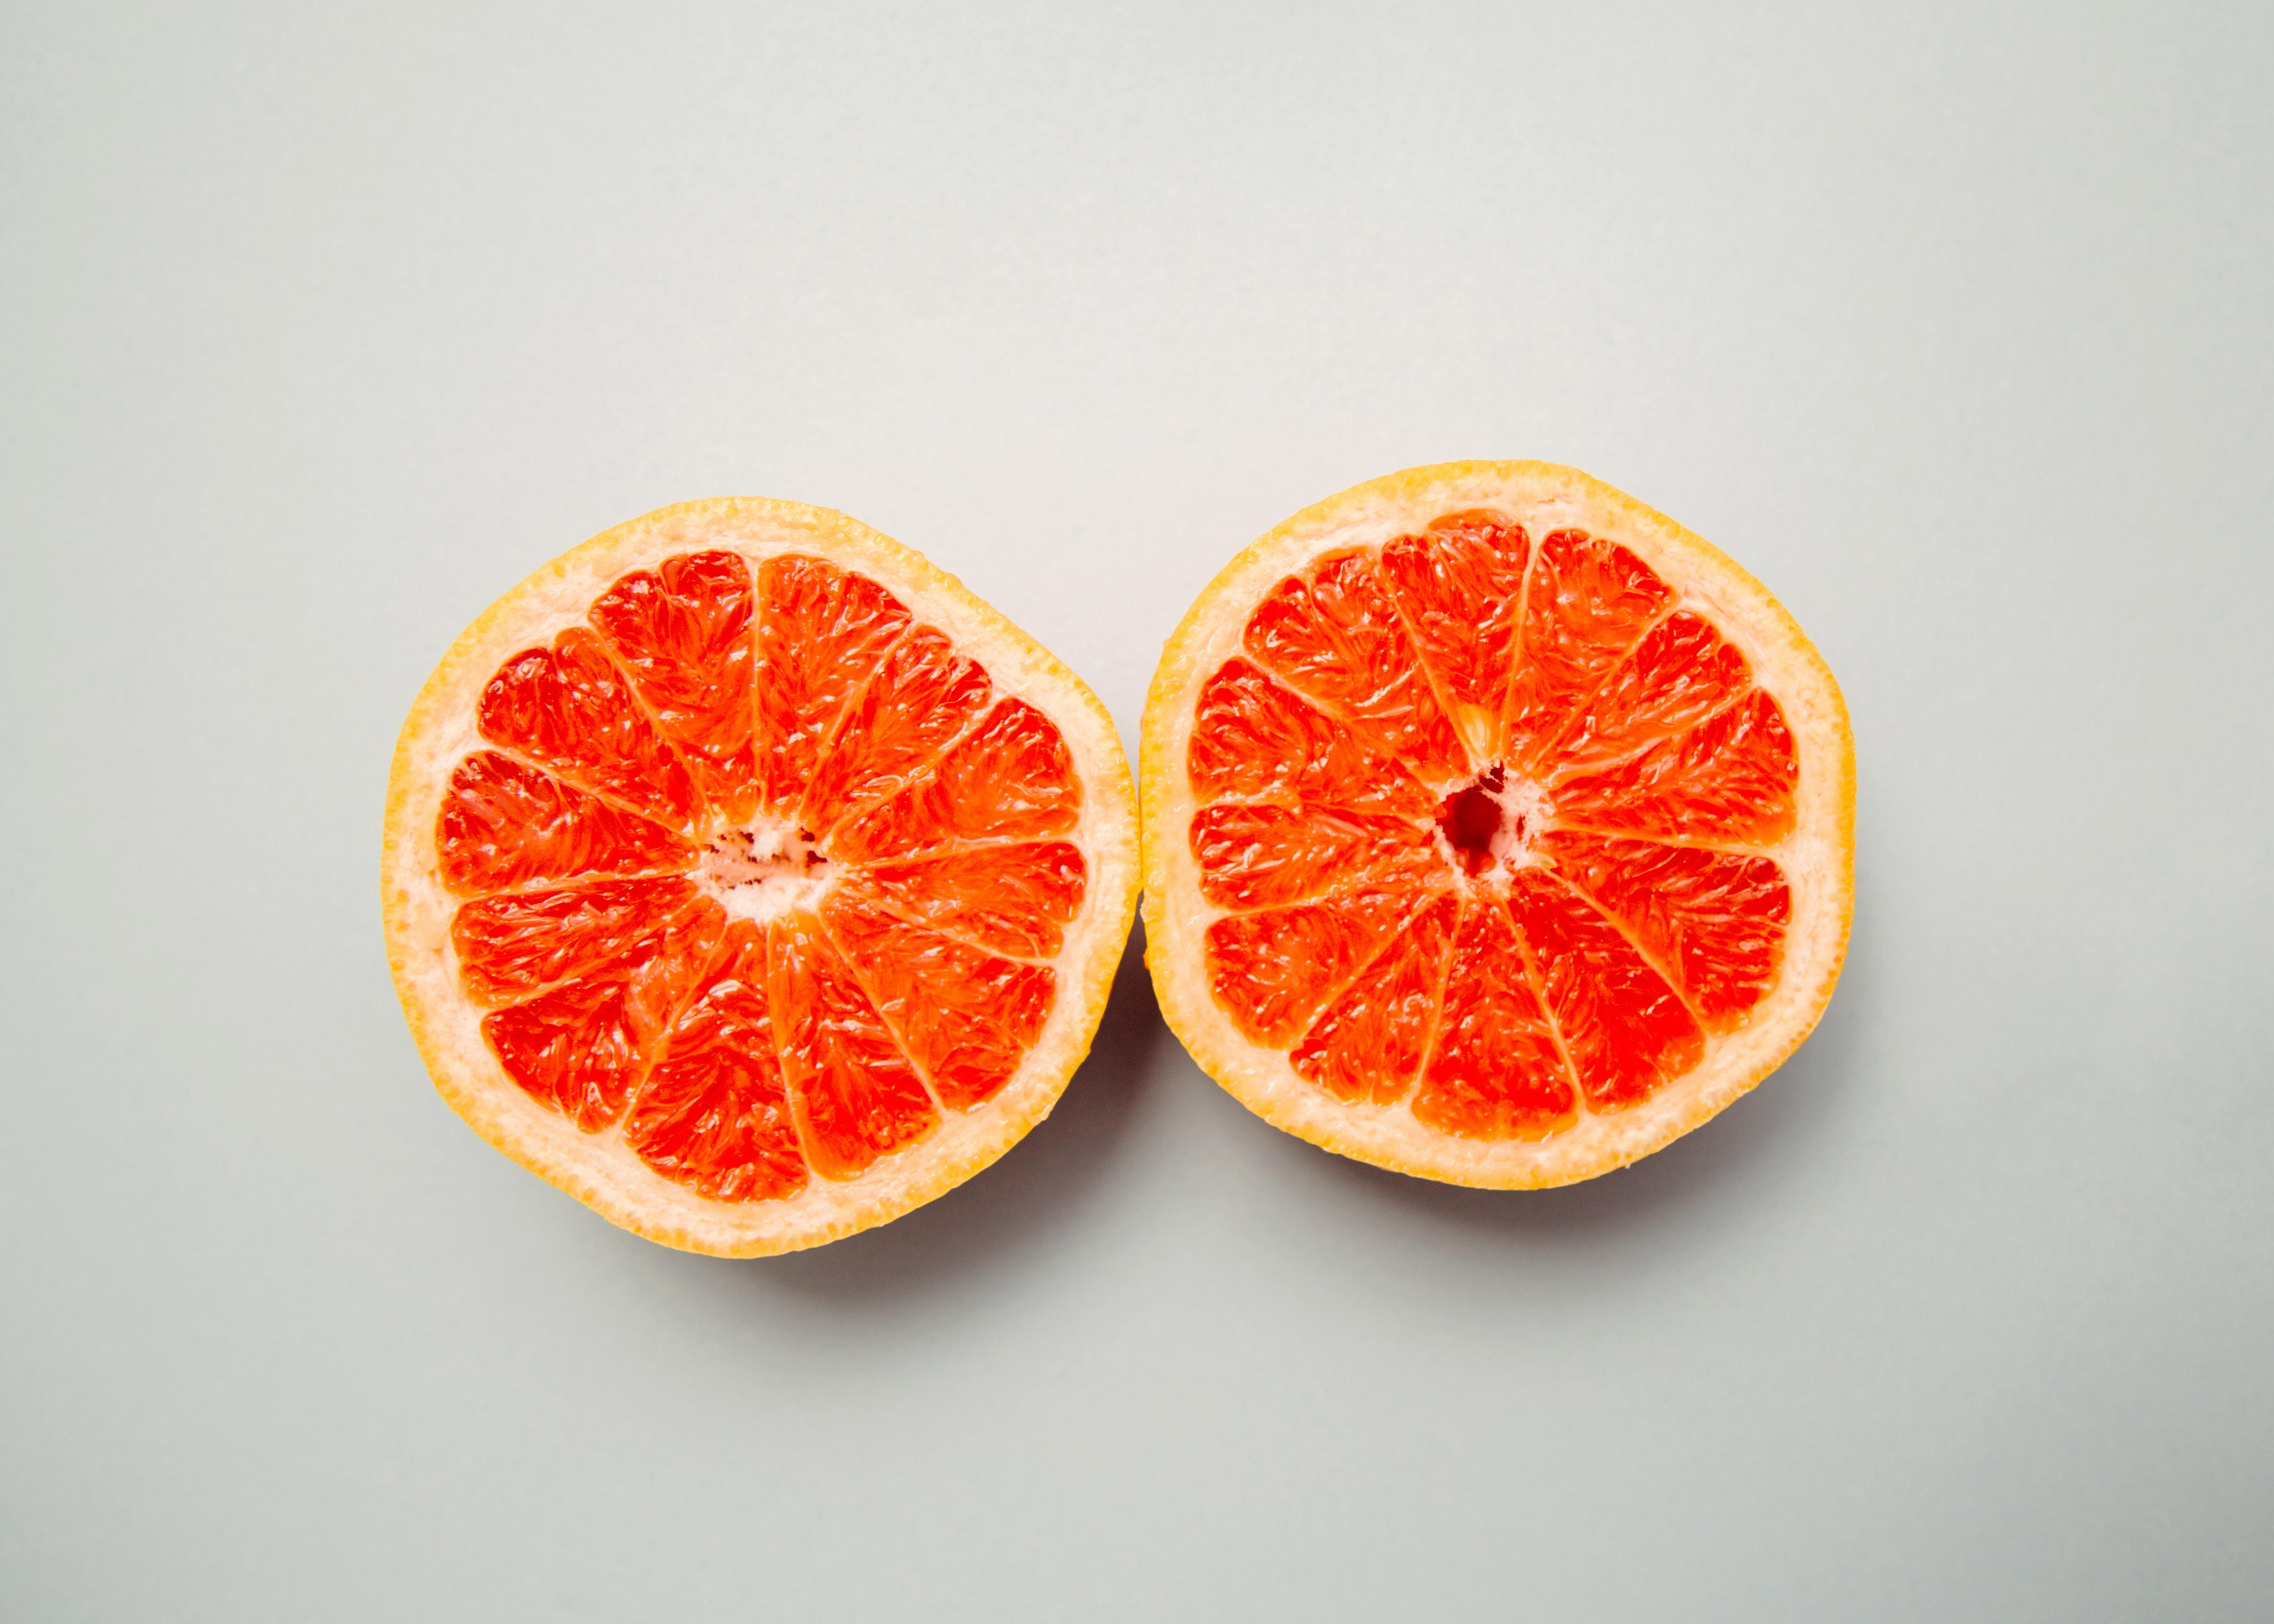 slice grapefruit